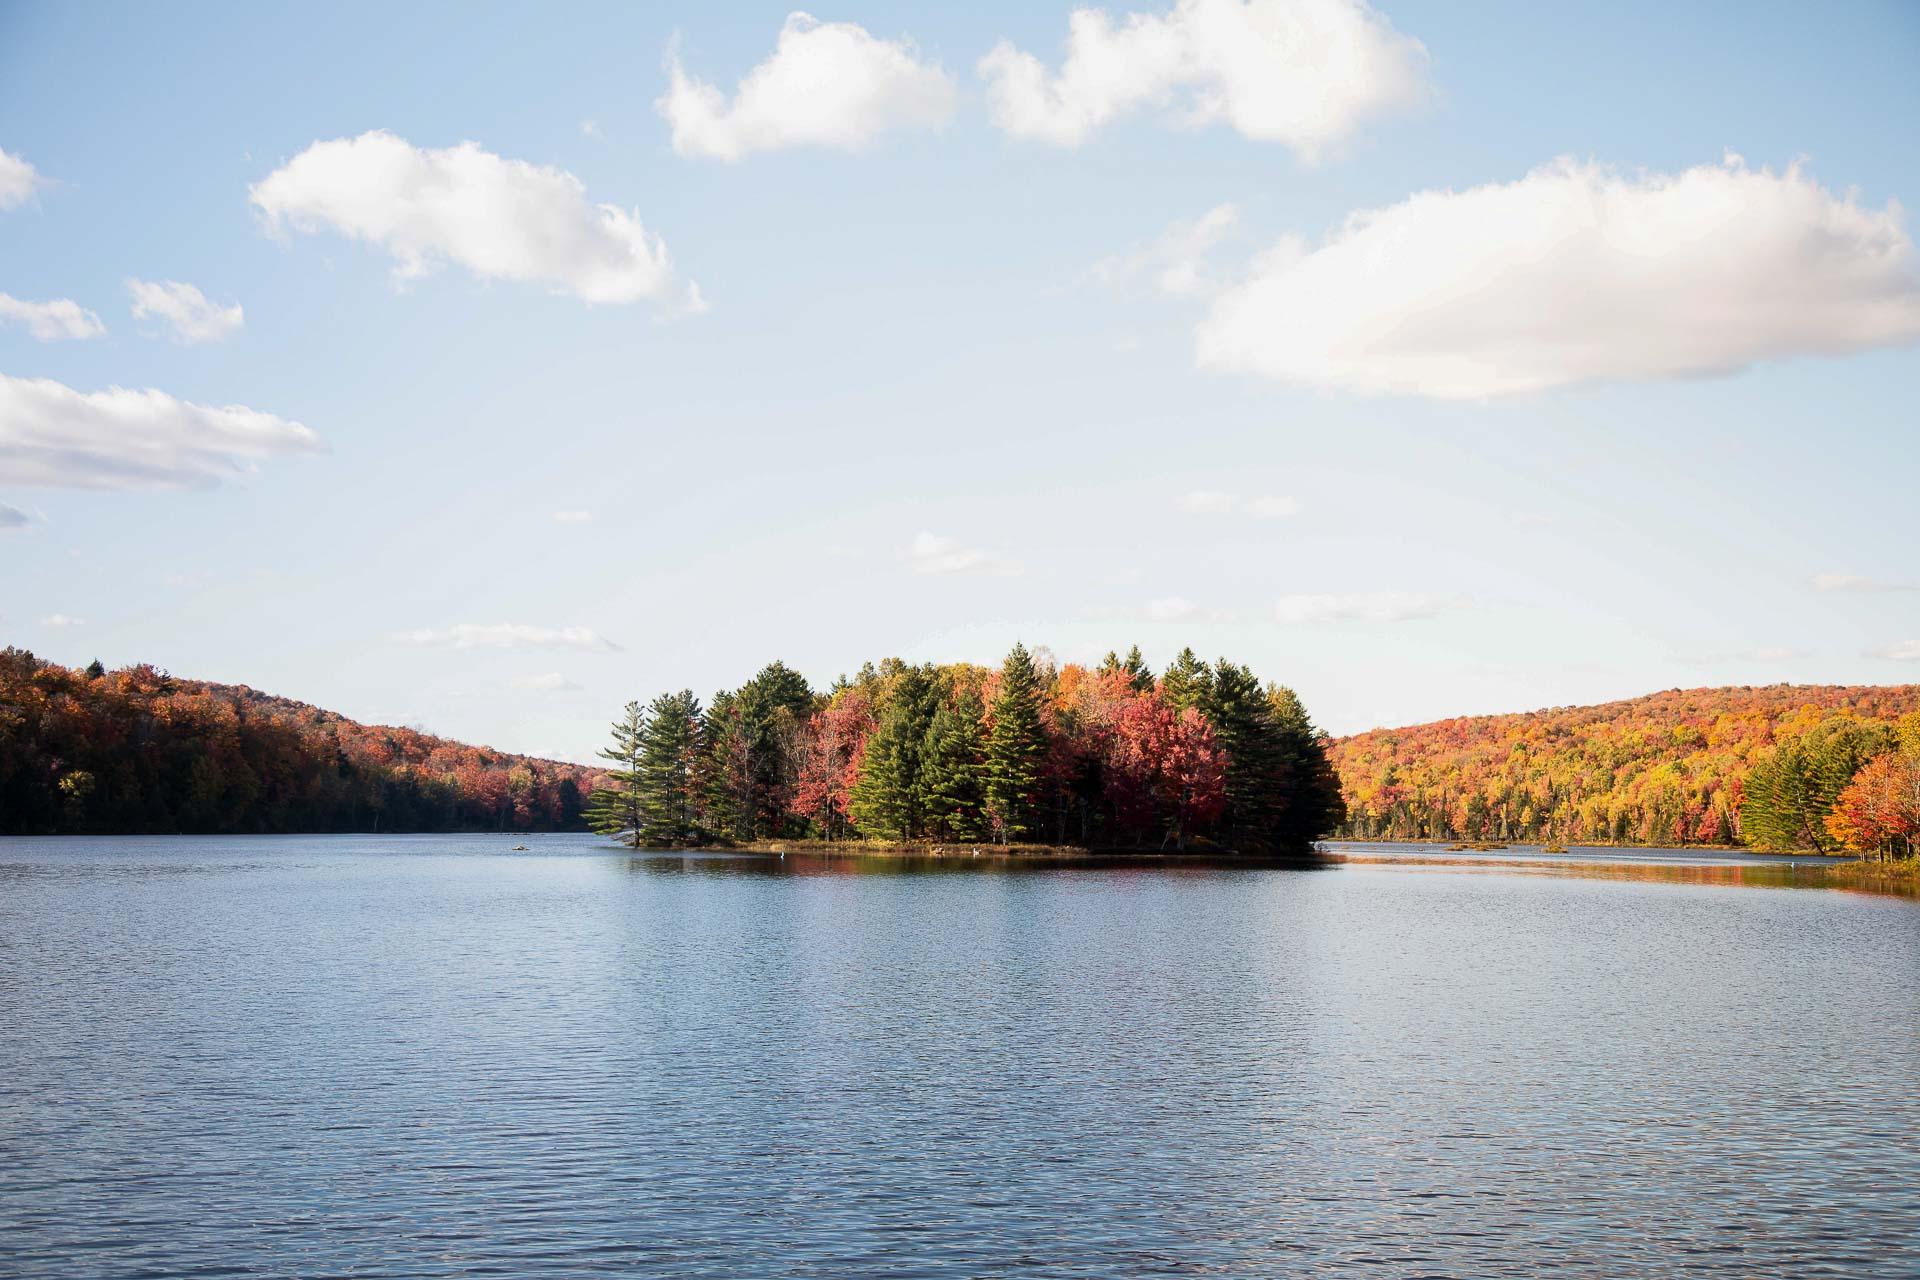 De la fin septembre et jusqu'à la fin octobre, profitez de l'été indien pour explorer le Québec. Partir à la rencontres des peuples autochtones, profiter de la nature et observer les splendides couleurs d'automne sont autant d'expériences à vivre facilement, dans un rayon de deux heures autour de Montréal.